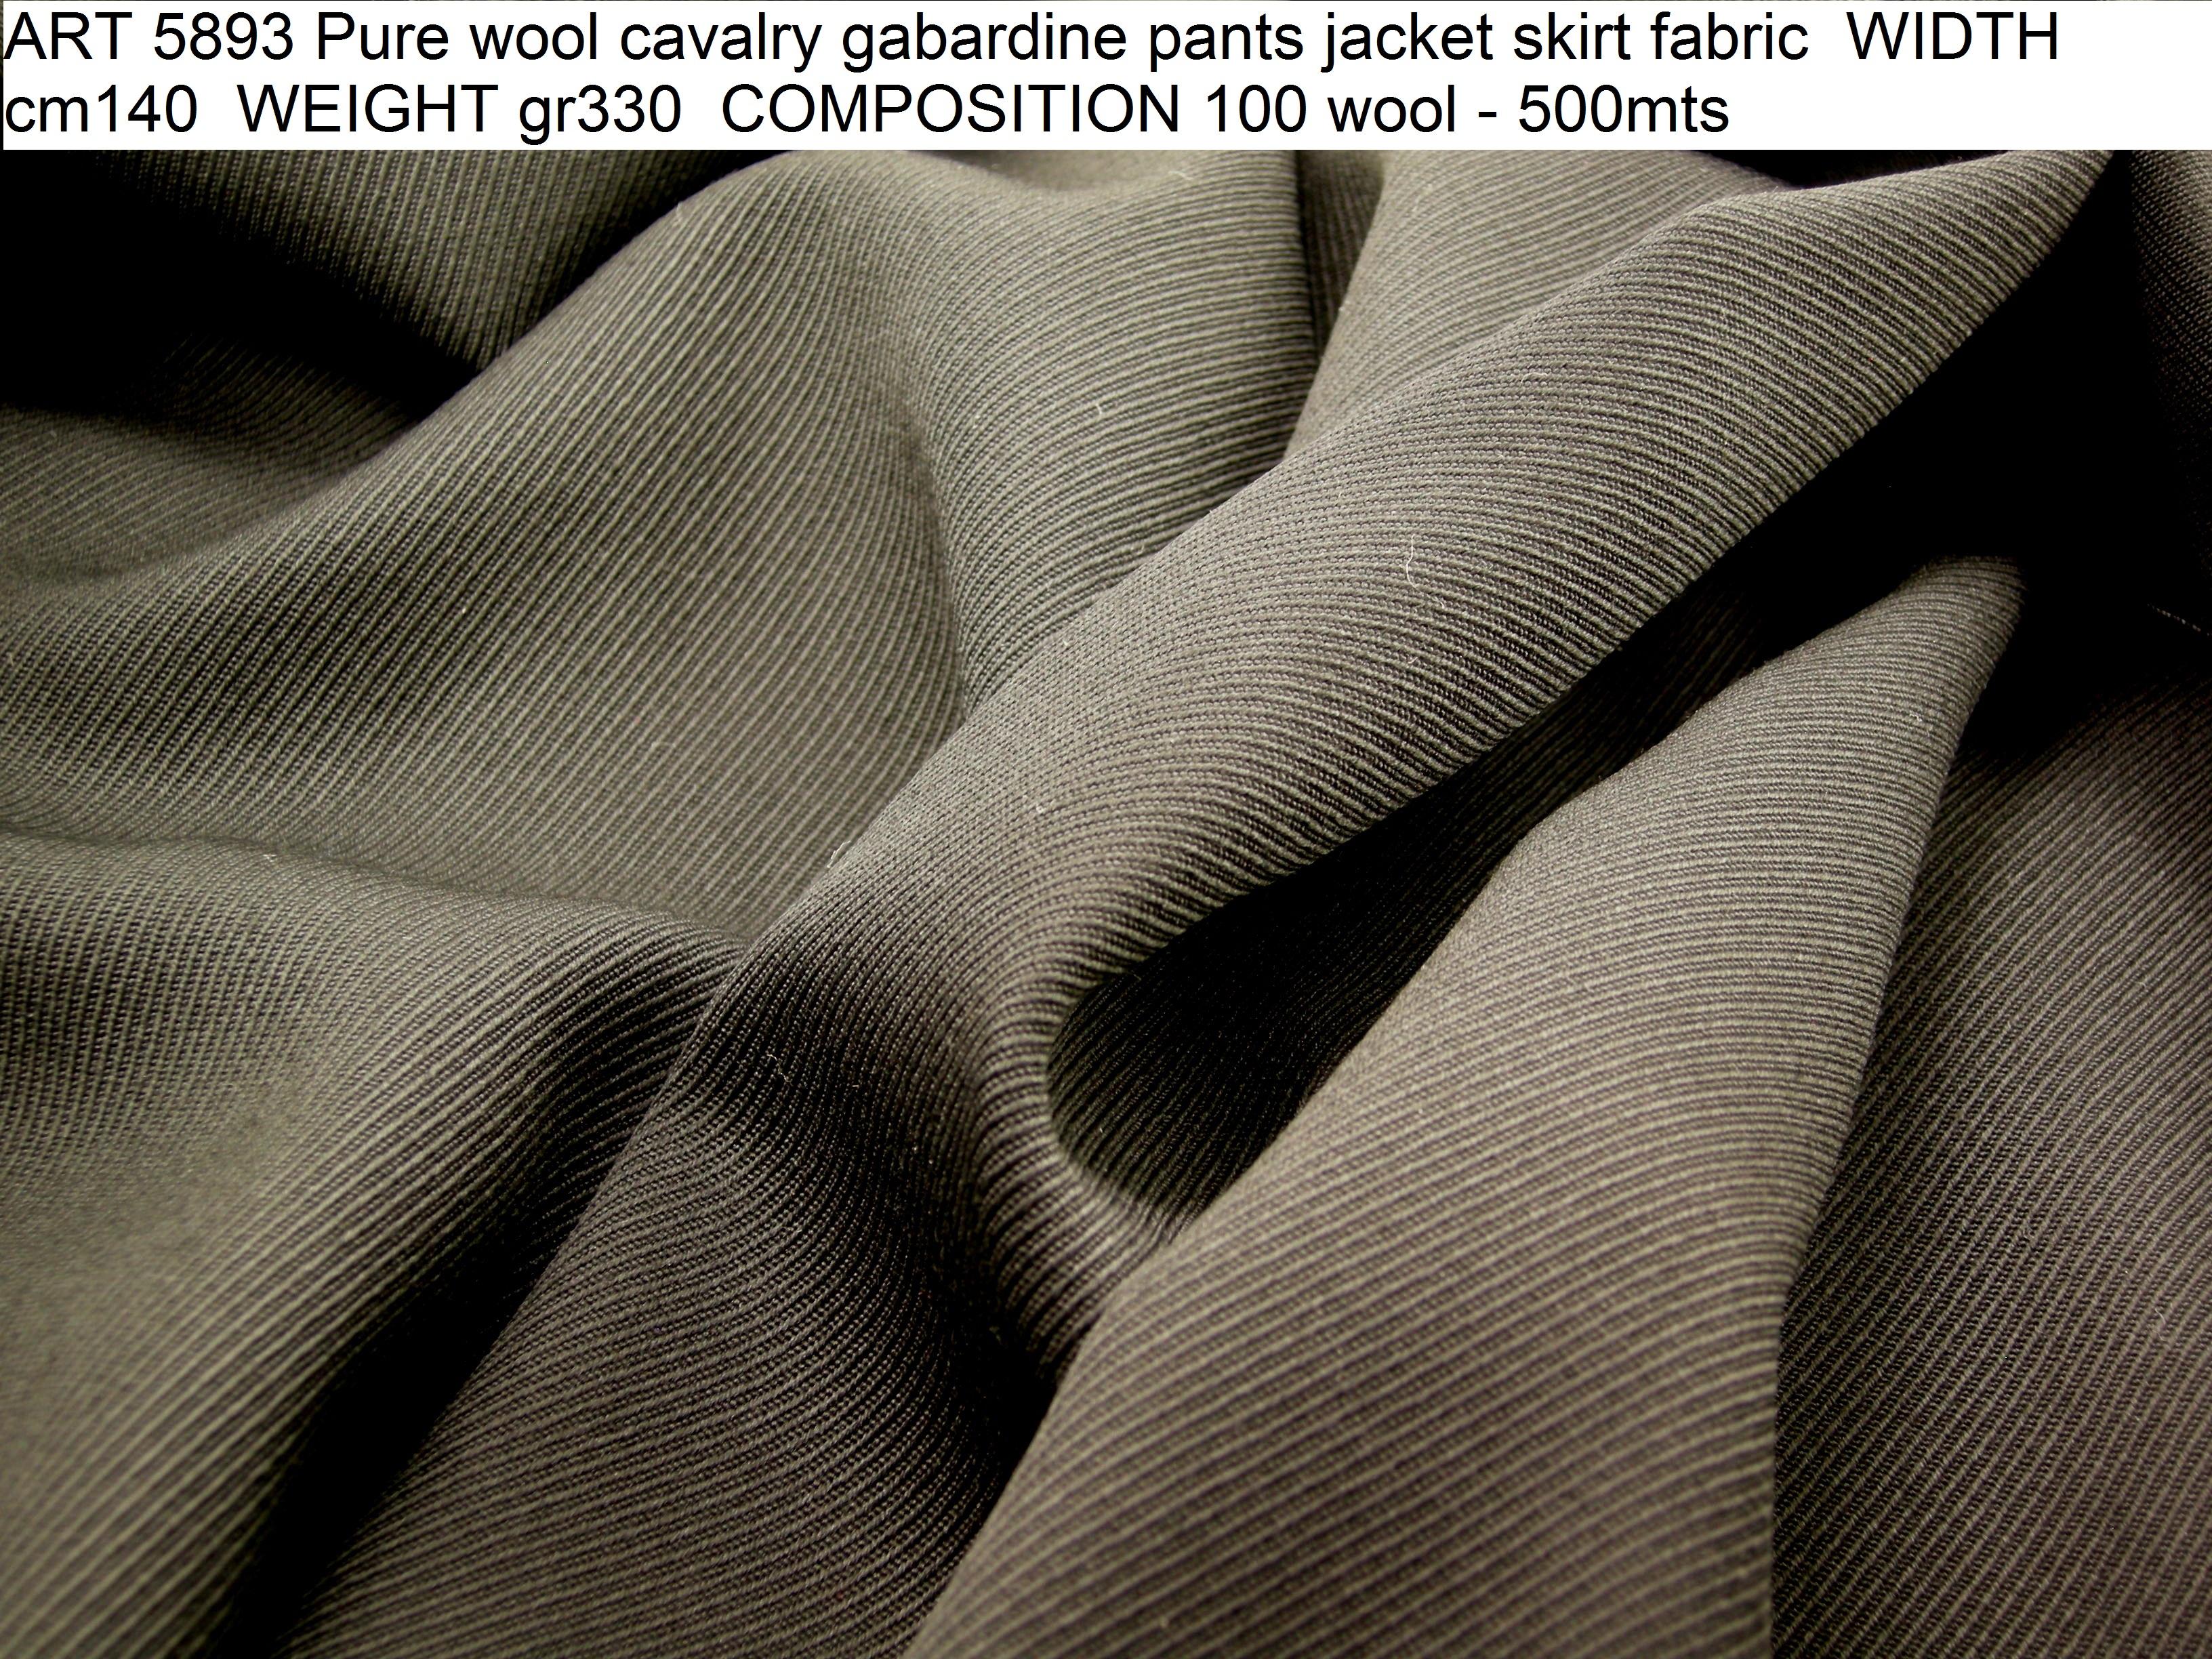 ART 5893 Pure wool cavalry gabardine pants jacket skirt fabric WIDTH cm140 WEIGHT gr330 COMPOSITION 100 wool - 500mts